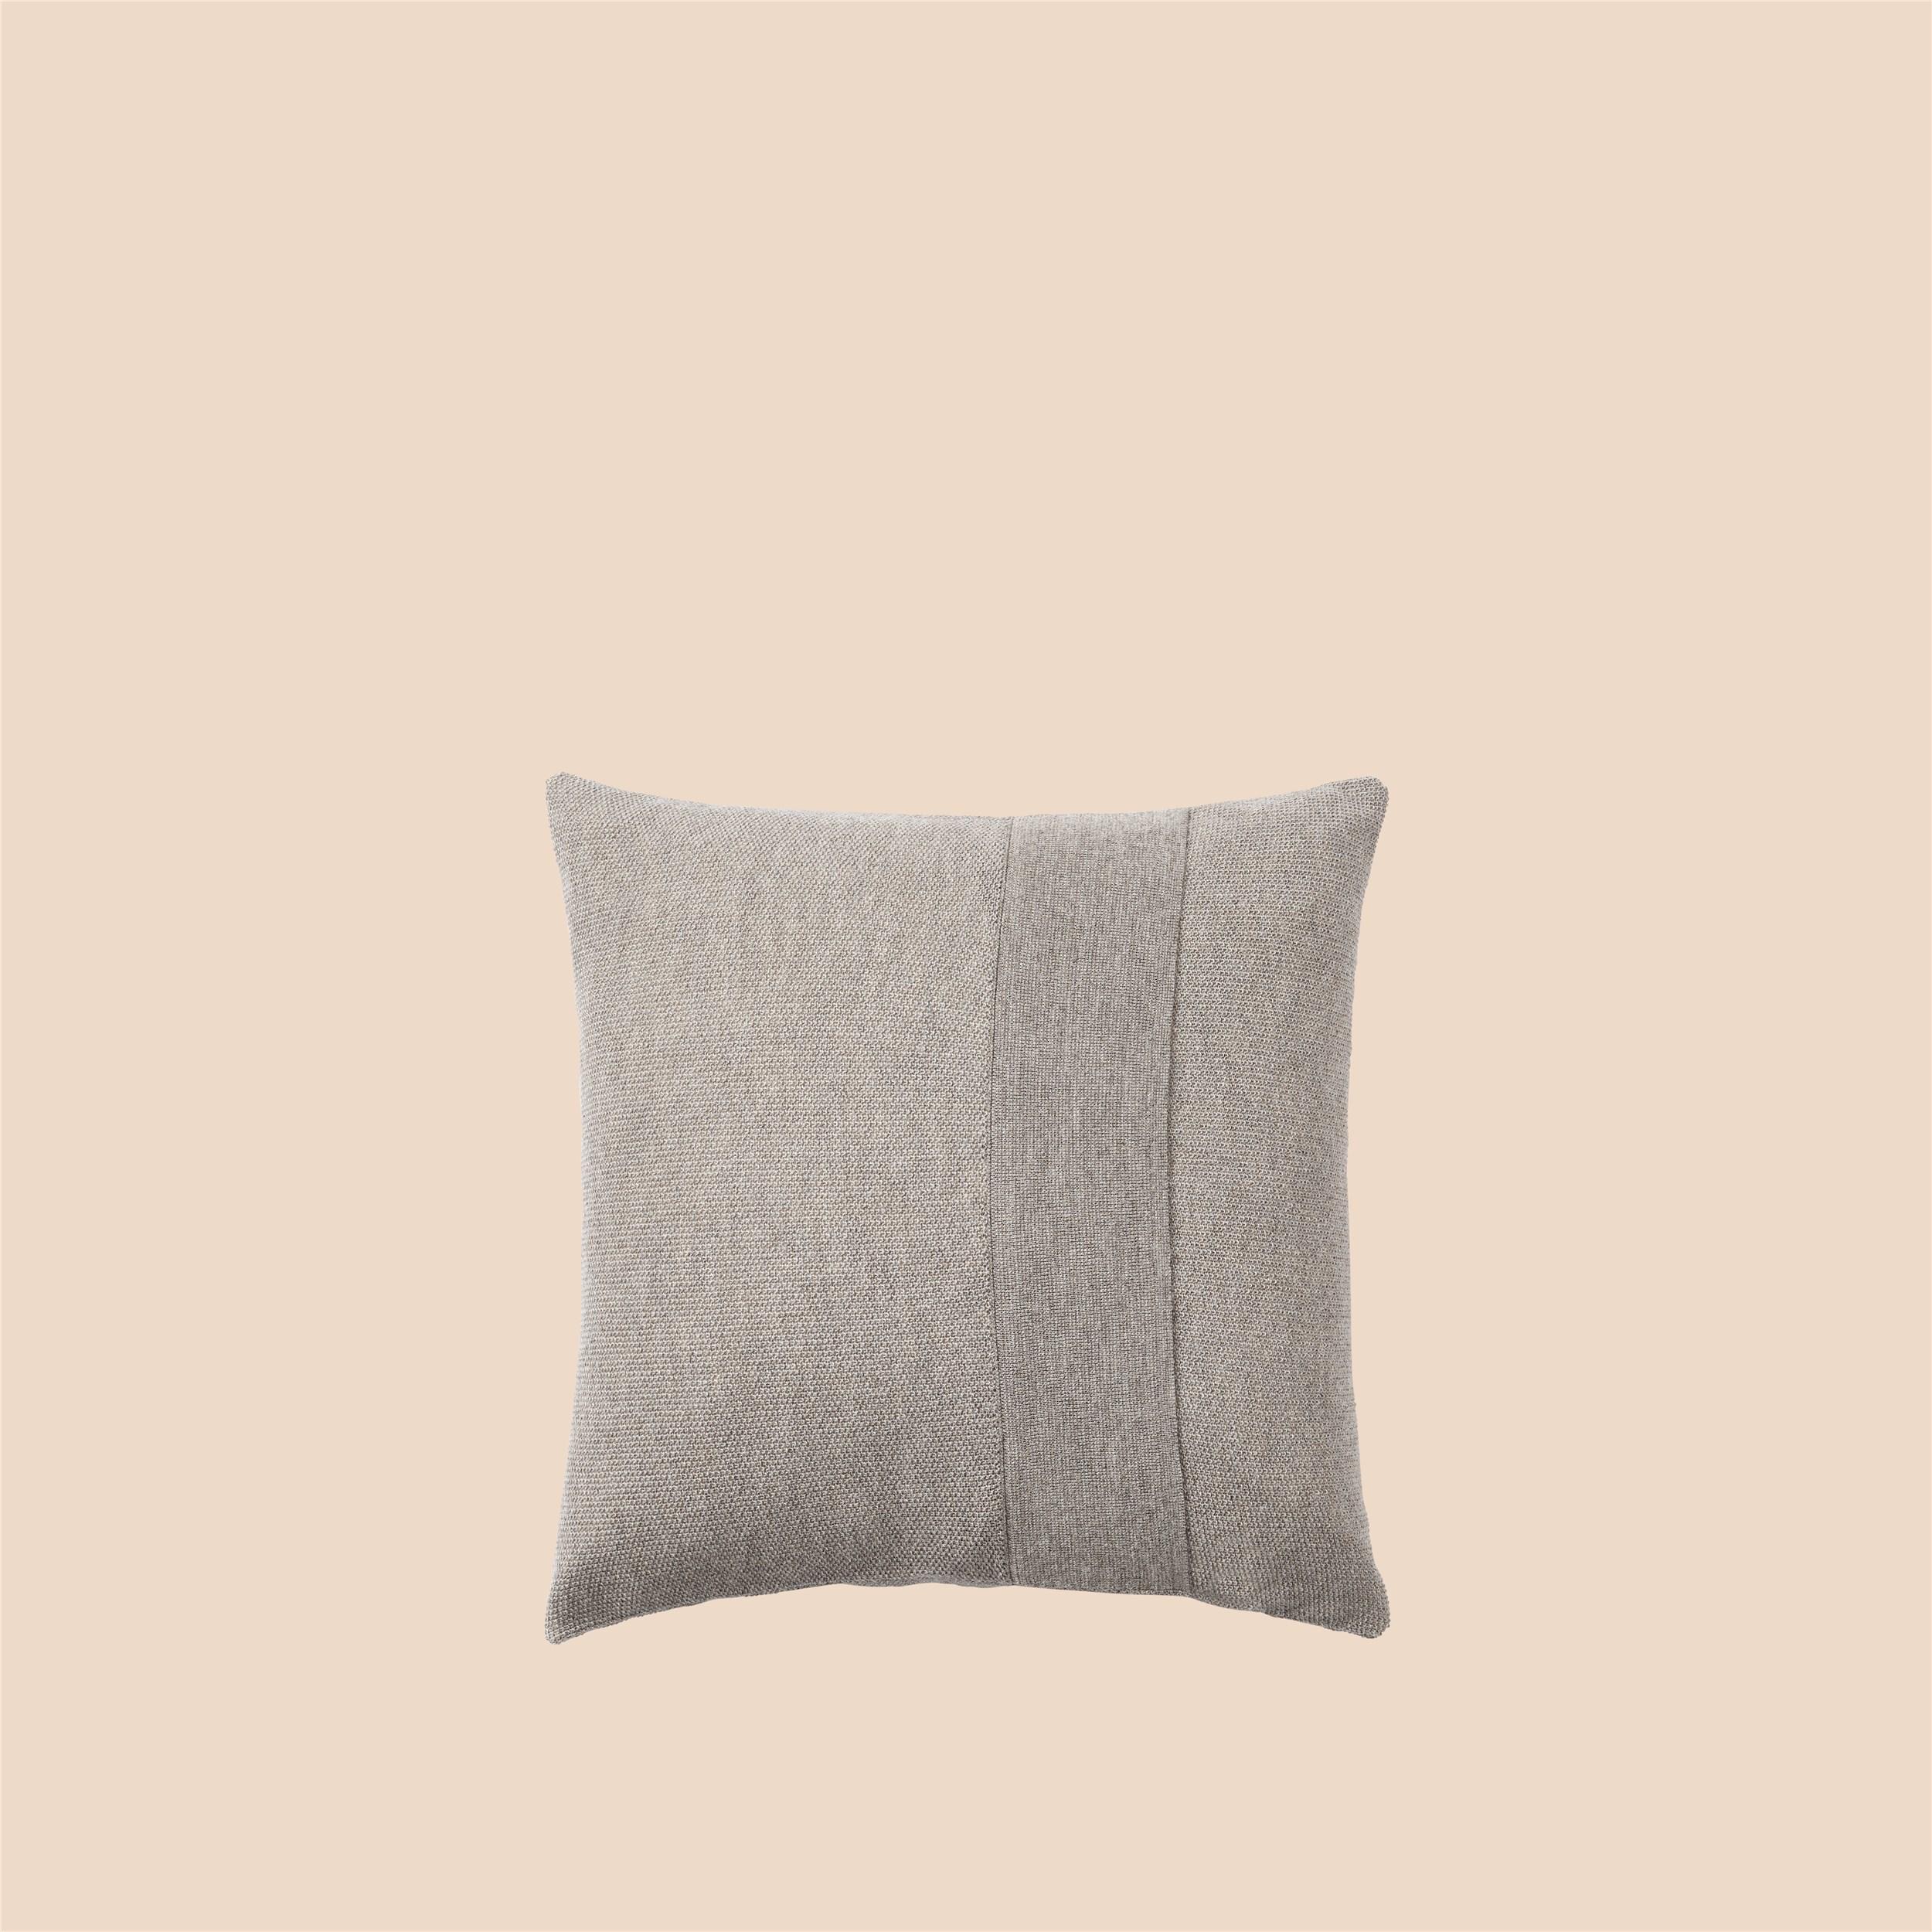 Layer Cushion 50x50 sand grey